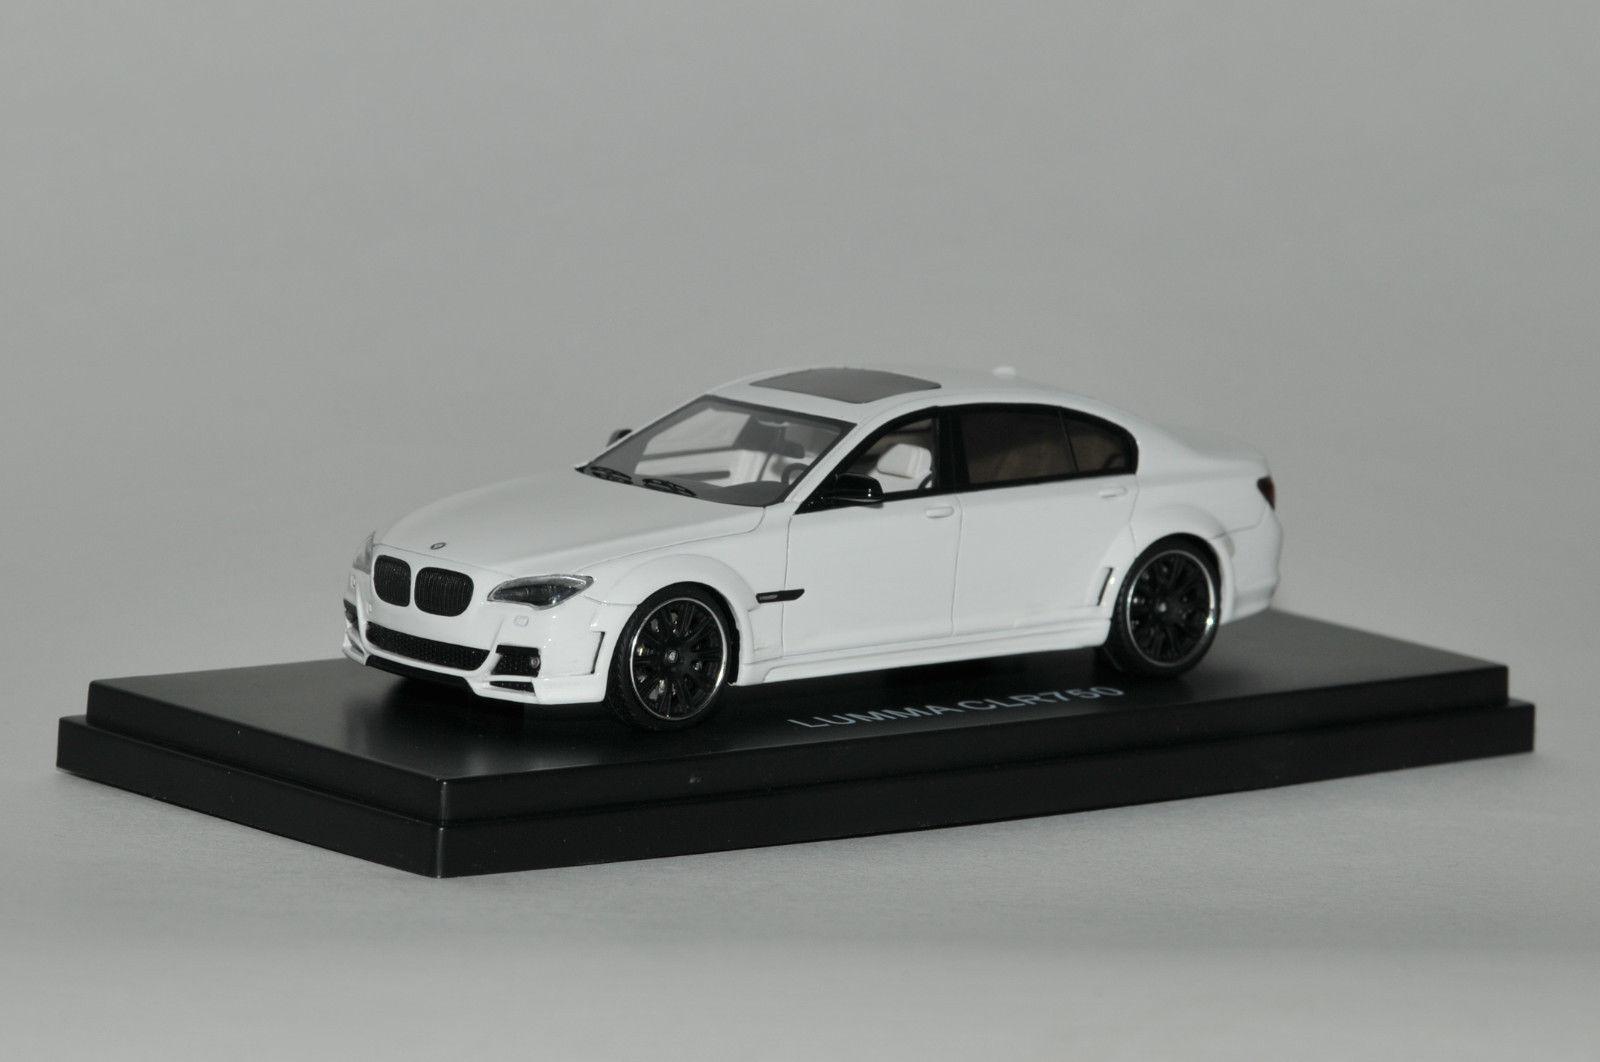 BMW BMW BMW 750Li Lumma CLR 750 F02 1 43 RENN Miniatures  | Qualitätsprodukte  db02f6